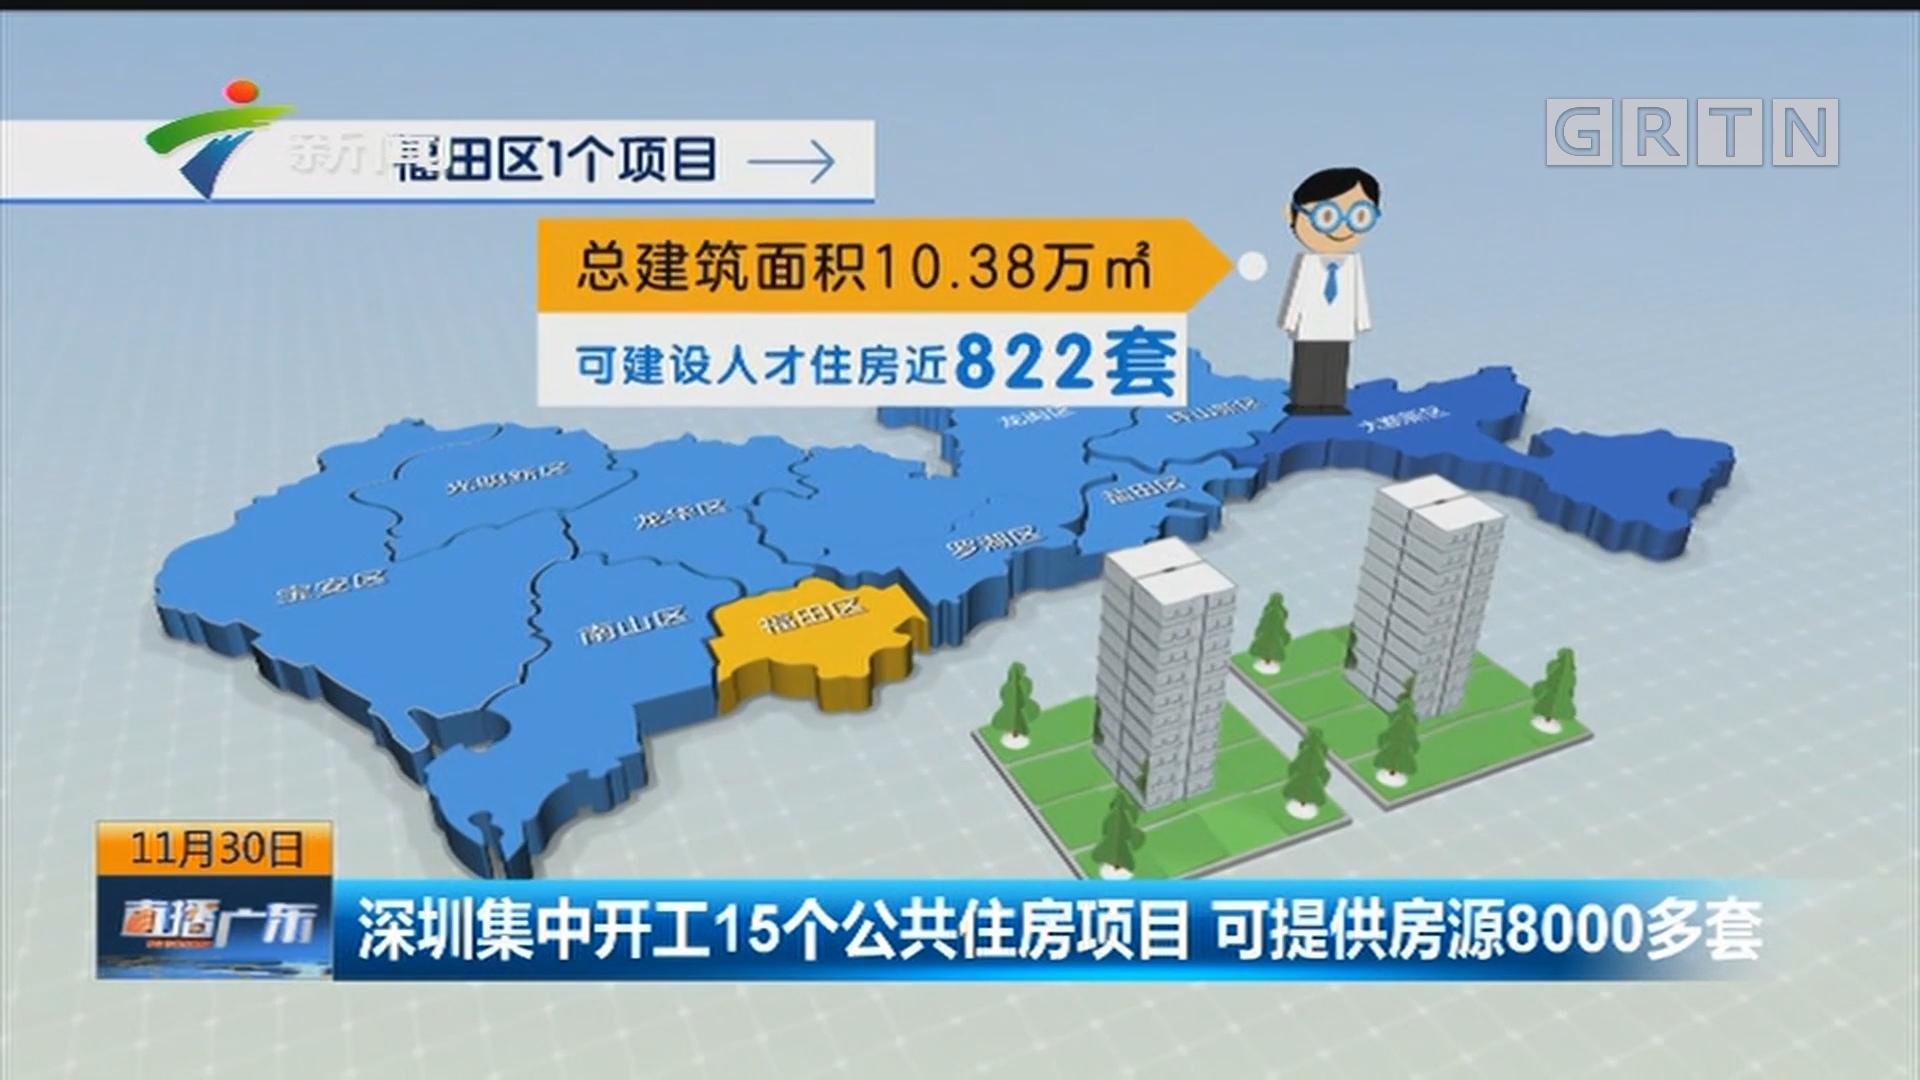 深圳集中开工15个公共住房项目 可提供房源8000多套